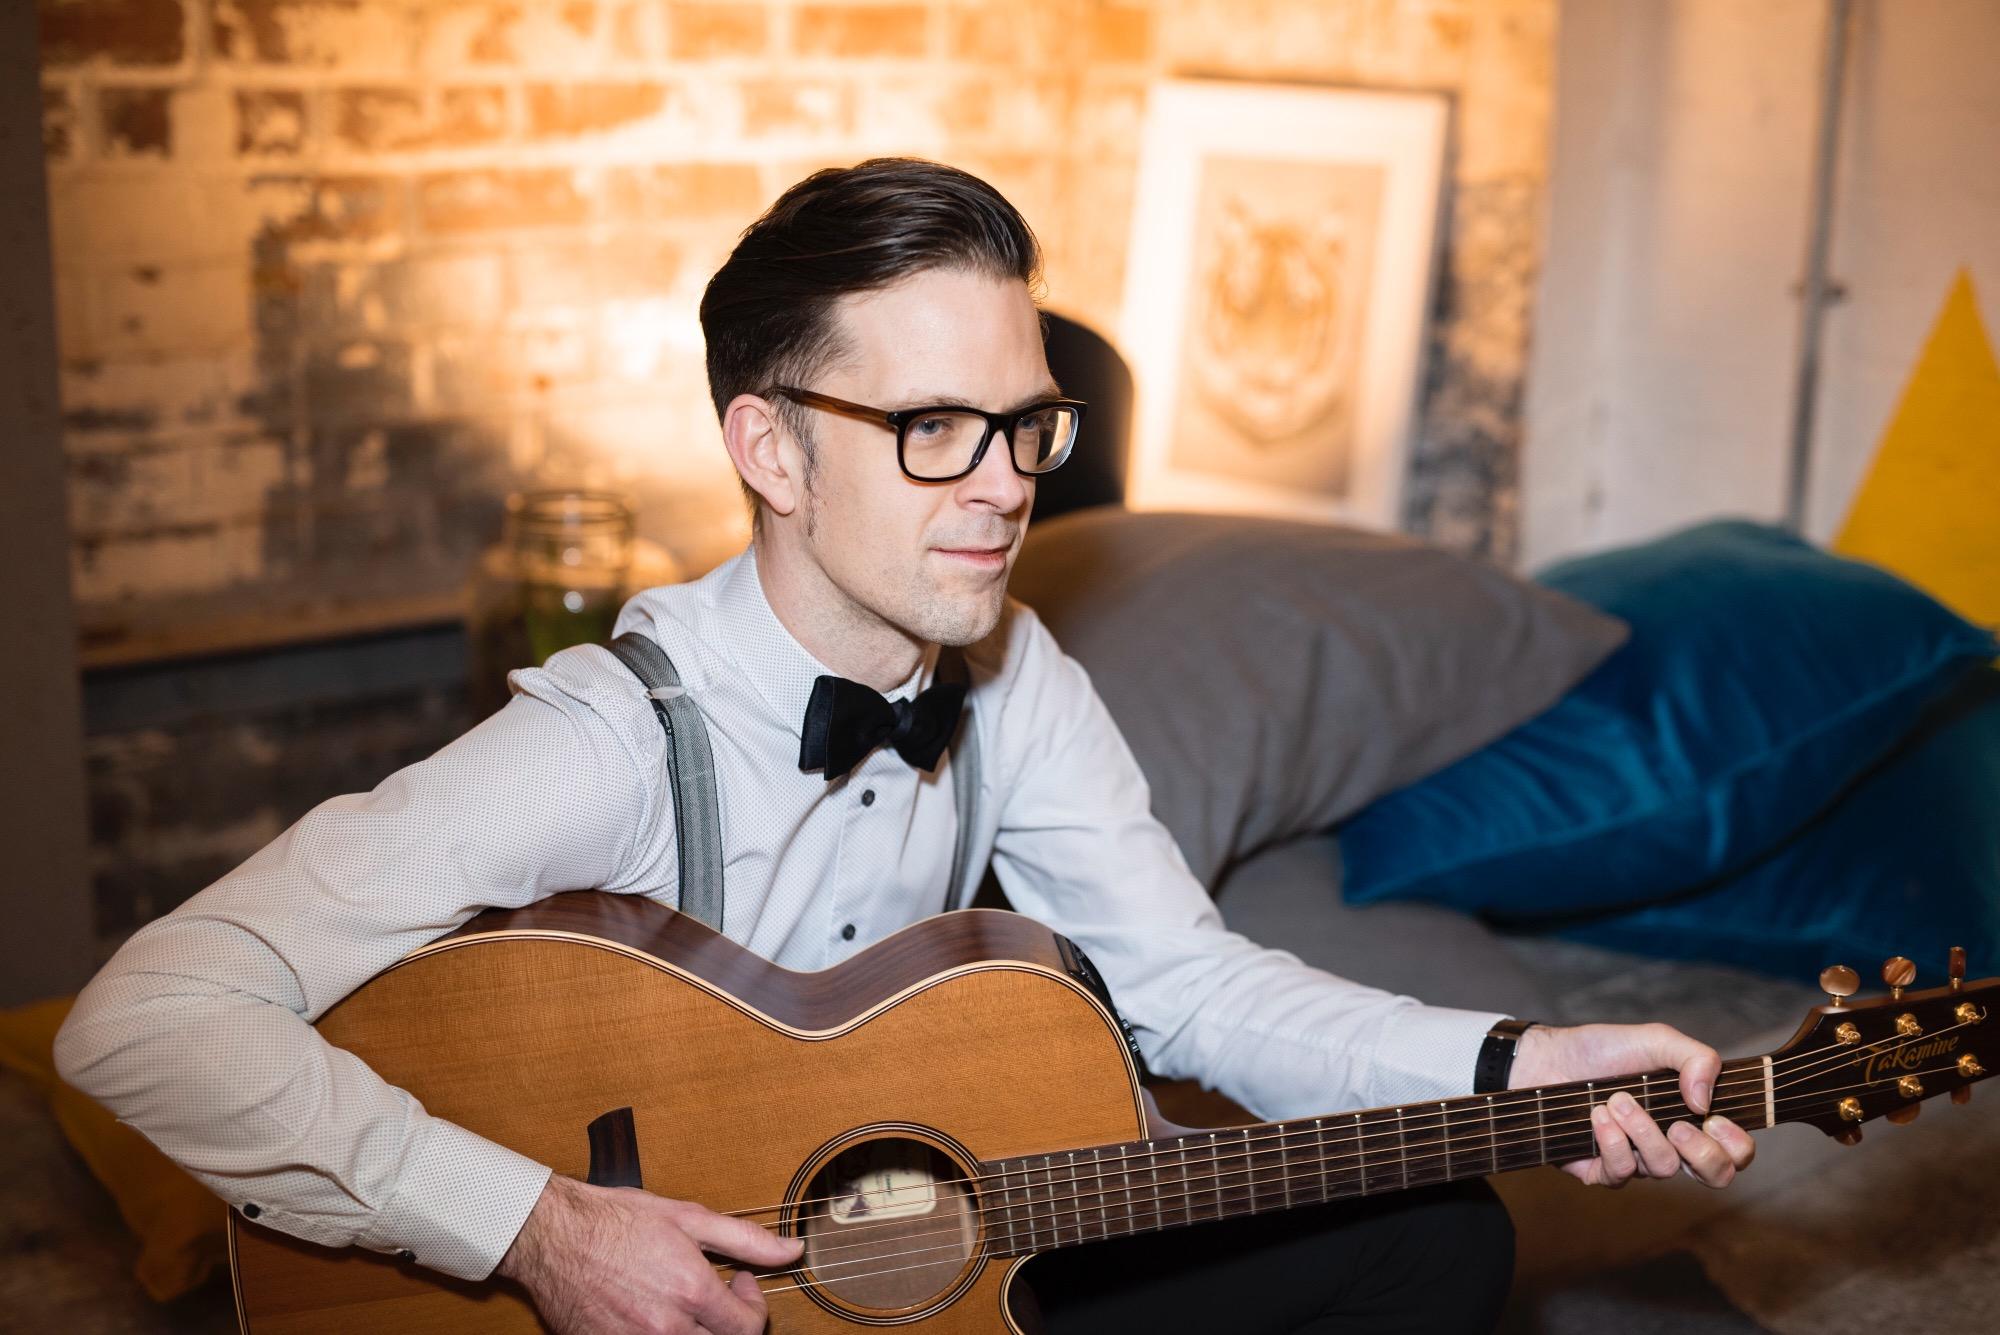 Promo Steven J Singer Guitarist West Midlands